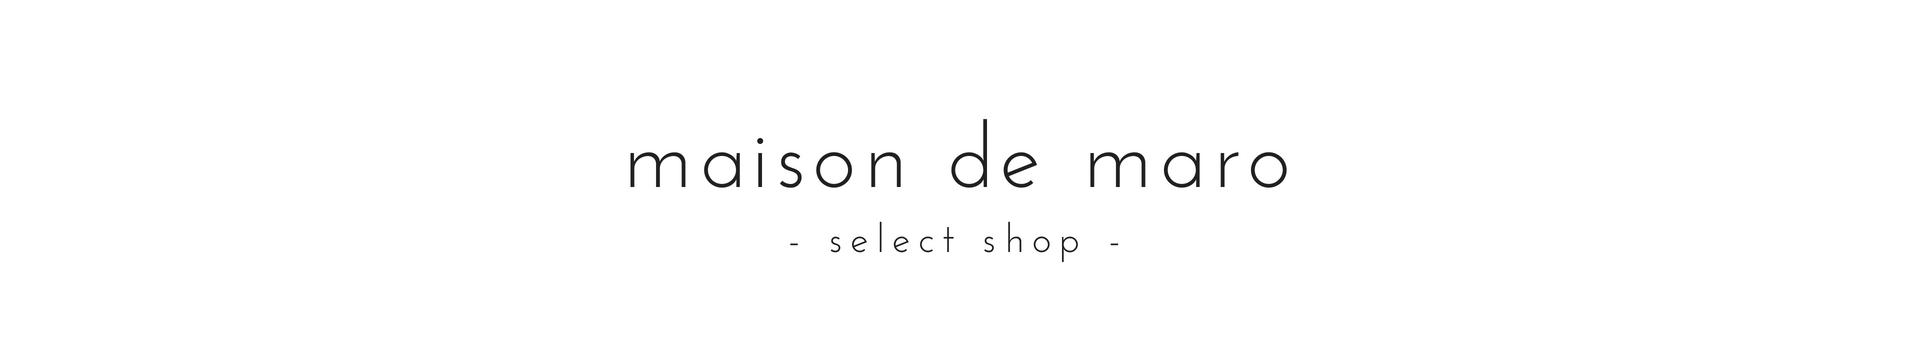 大人のためのファッション通販 - maison de maro